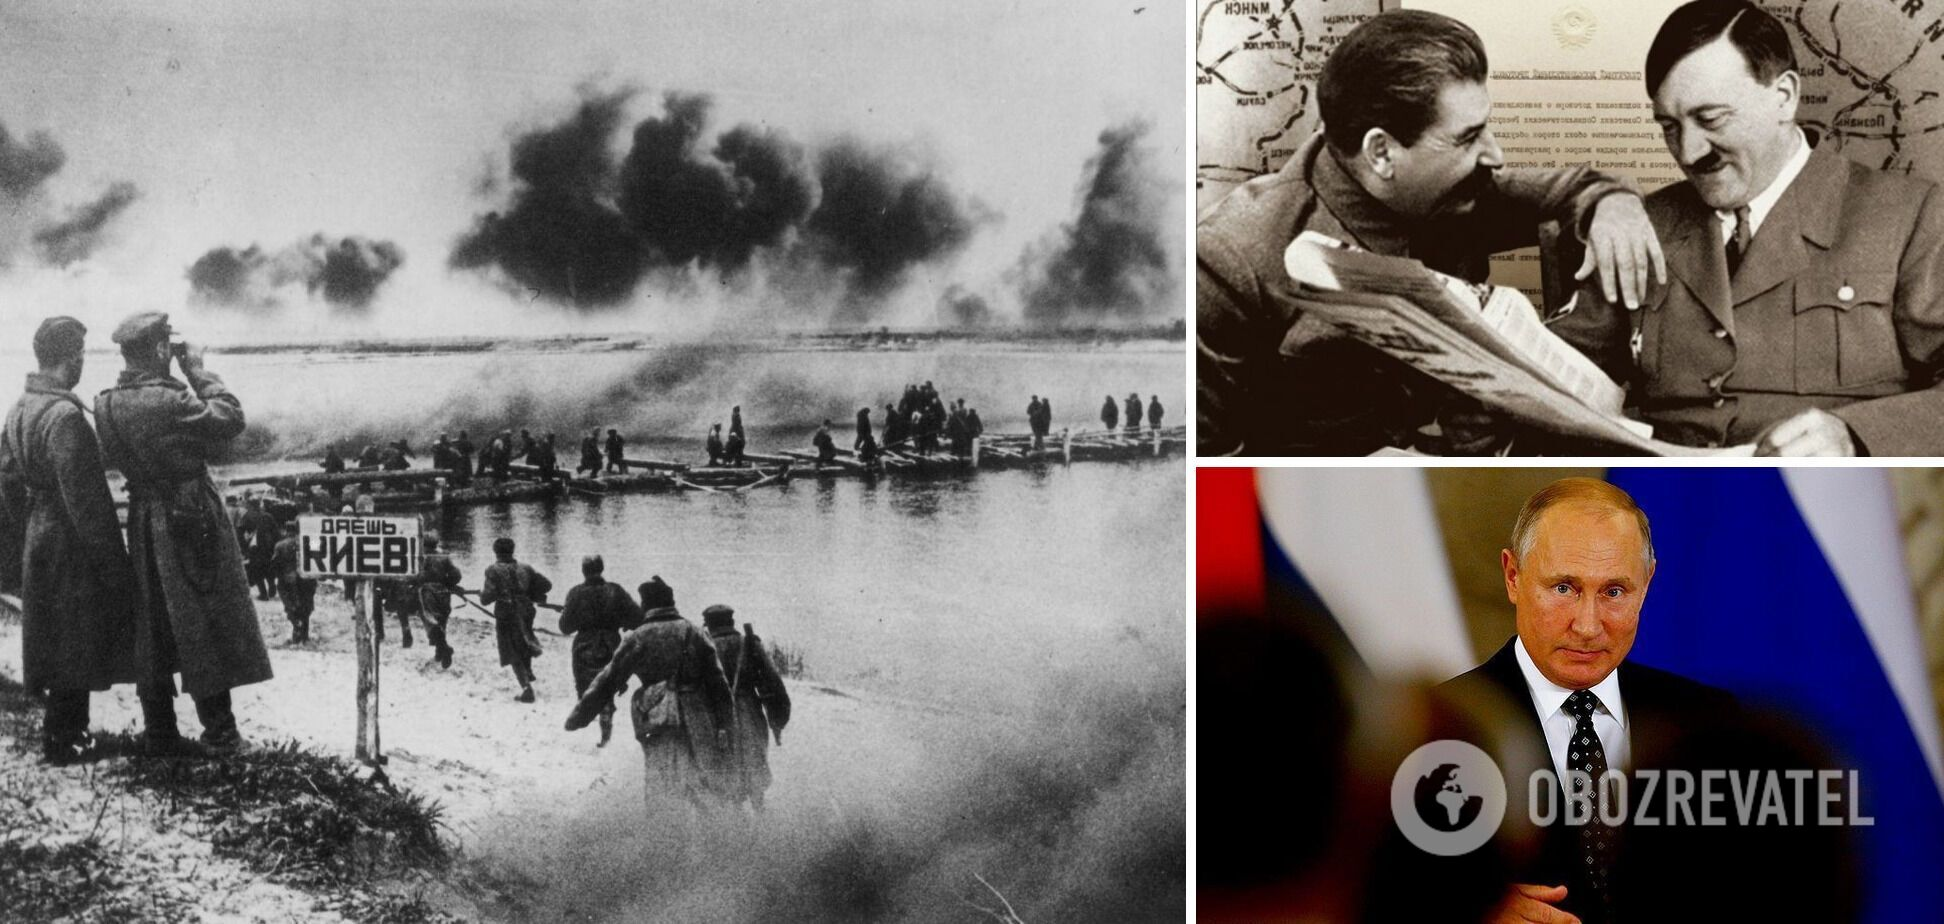 Після Другої світової нацизм не був переможений. Він став головною ідеологією Росії